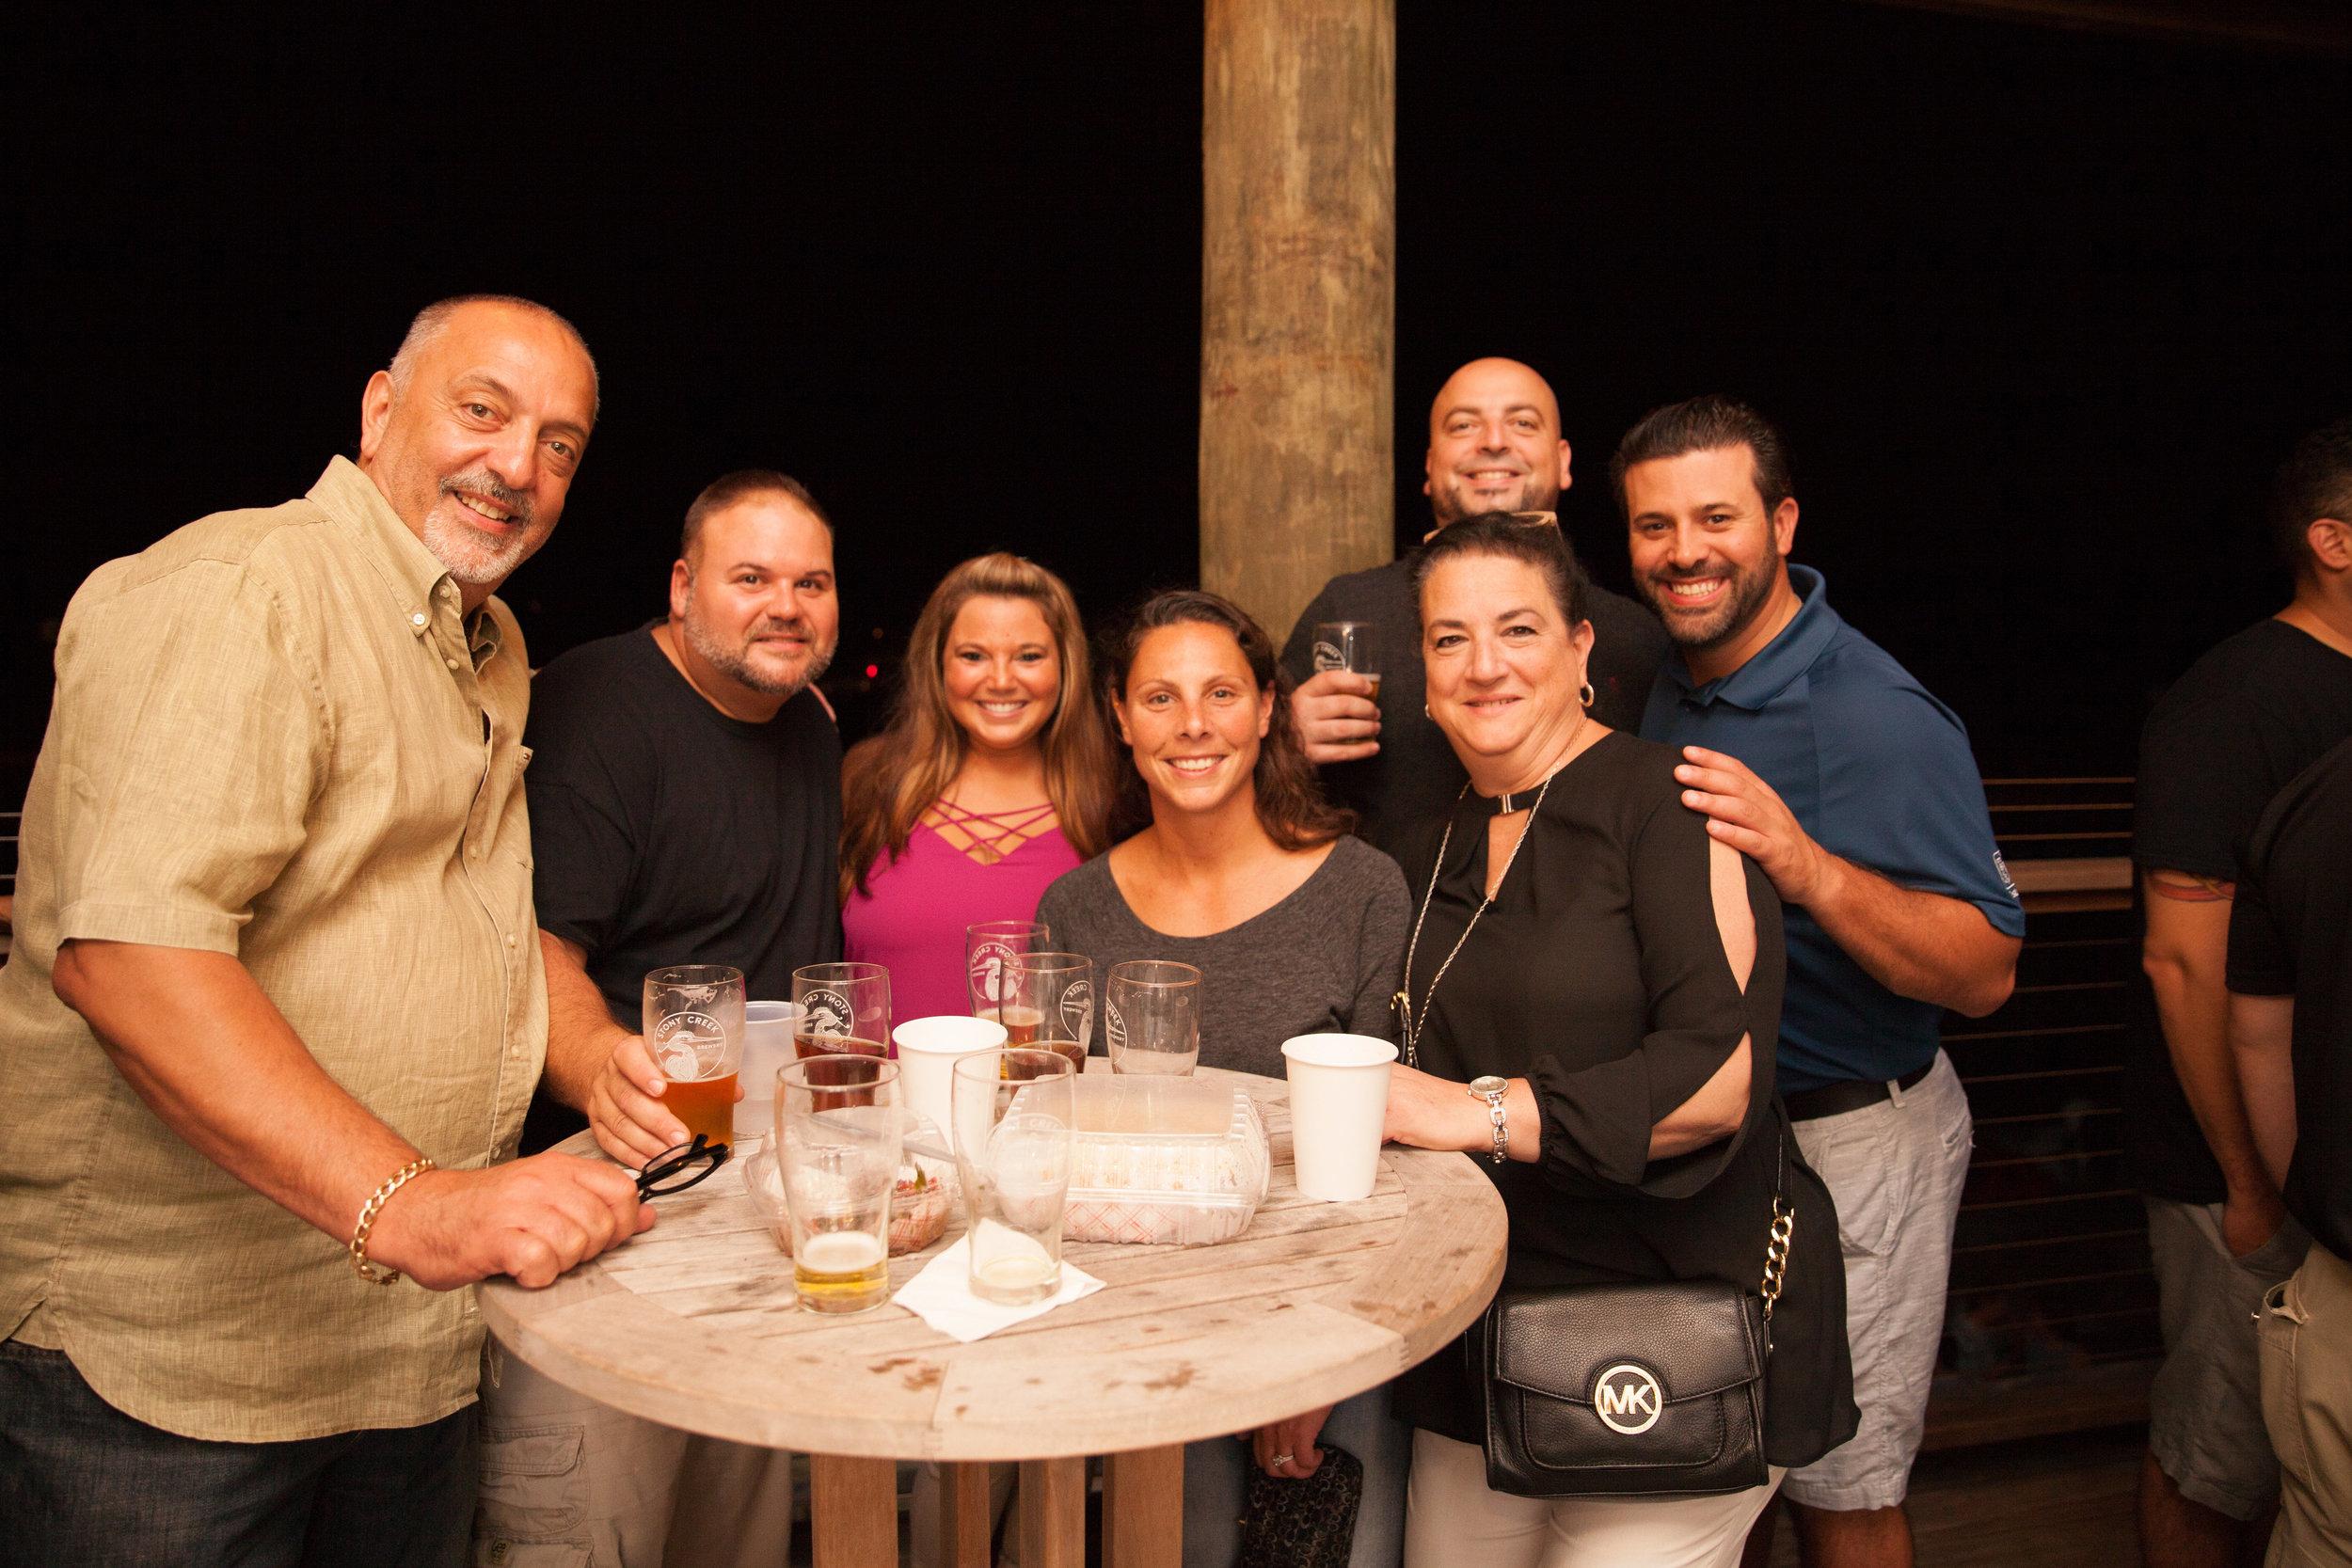 cusano family-0045.jpg